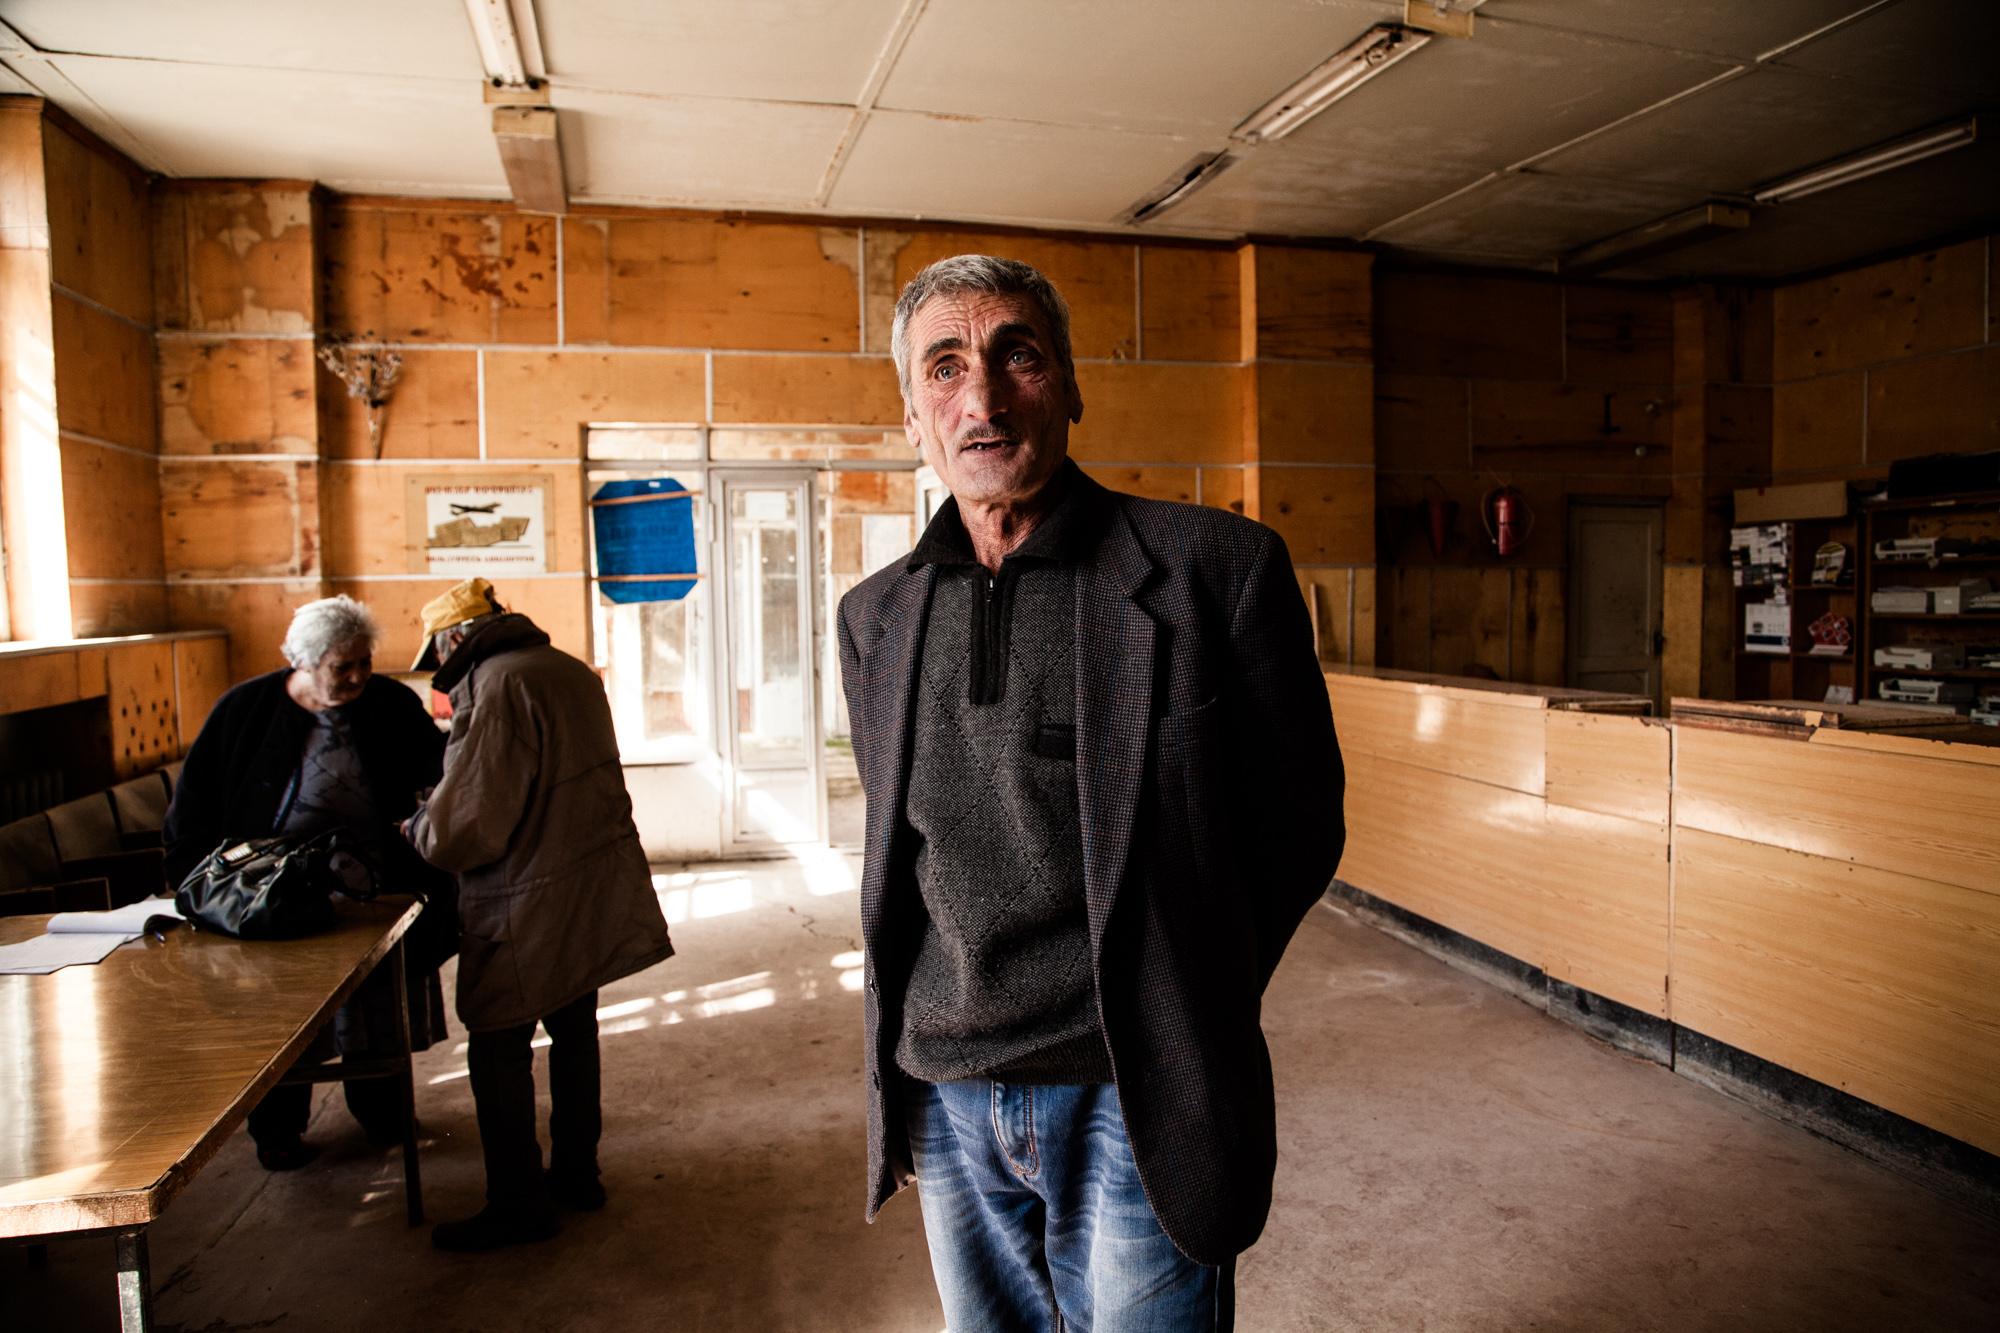 Micha a travaillé près de 60 ans. Aujourd'hui, il passe au bureau de poste pour toucher ses 100$ de pension. Il arrive parfois qu'un grand-père hospitalisé soit sorti de l'hôpital pour aller retirer son argent: dans de nombreuses familles, la pension des grands-parents est le seul revenu.  Extraits du webdocumentaire   Ashotsk, aux confins de l'Arménie  .